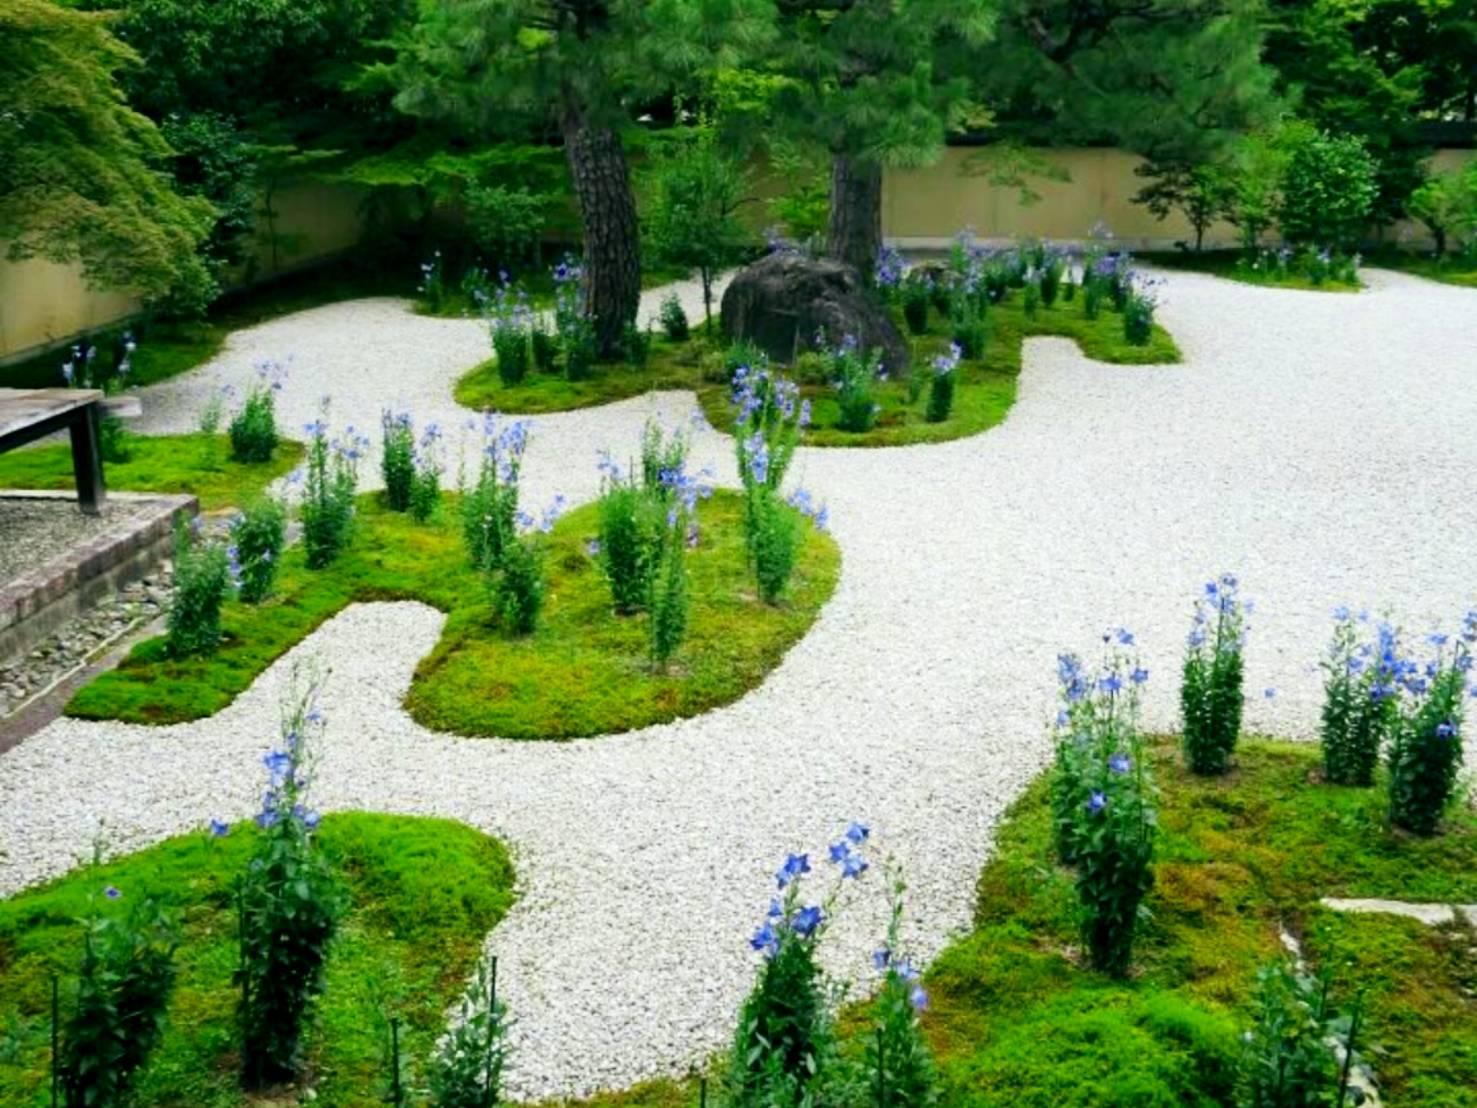 Garden of White sand and Bellflowers